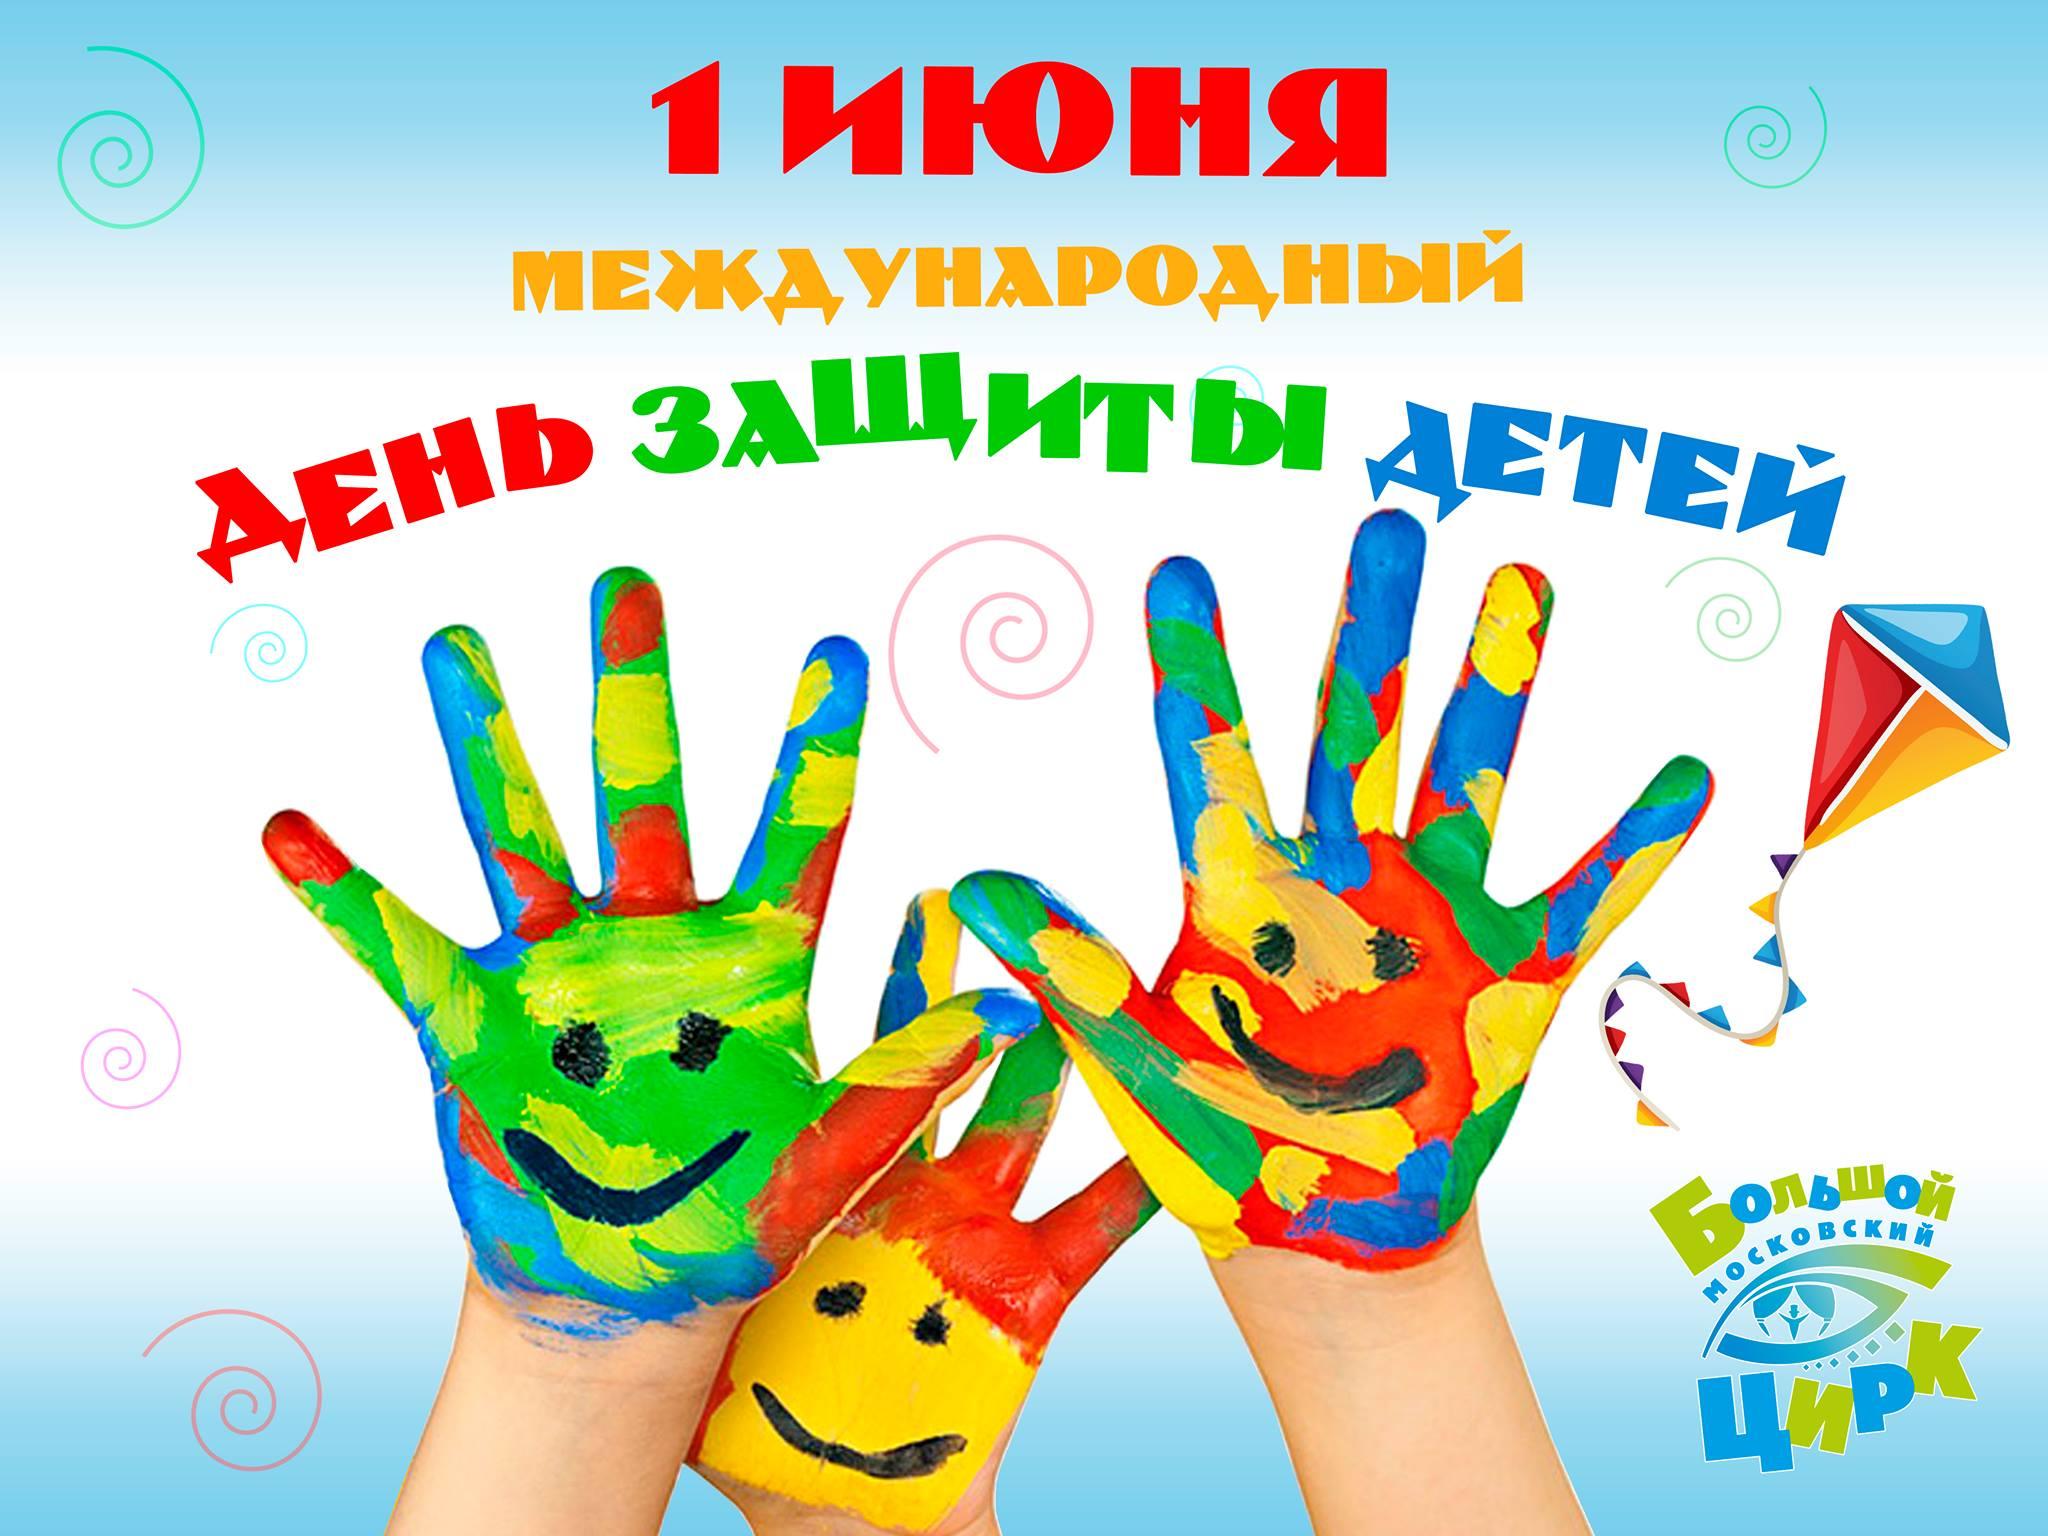 Сценарий к 1 июня для детей с клоуном